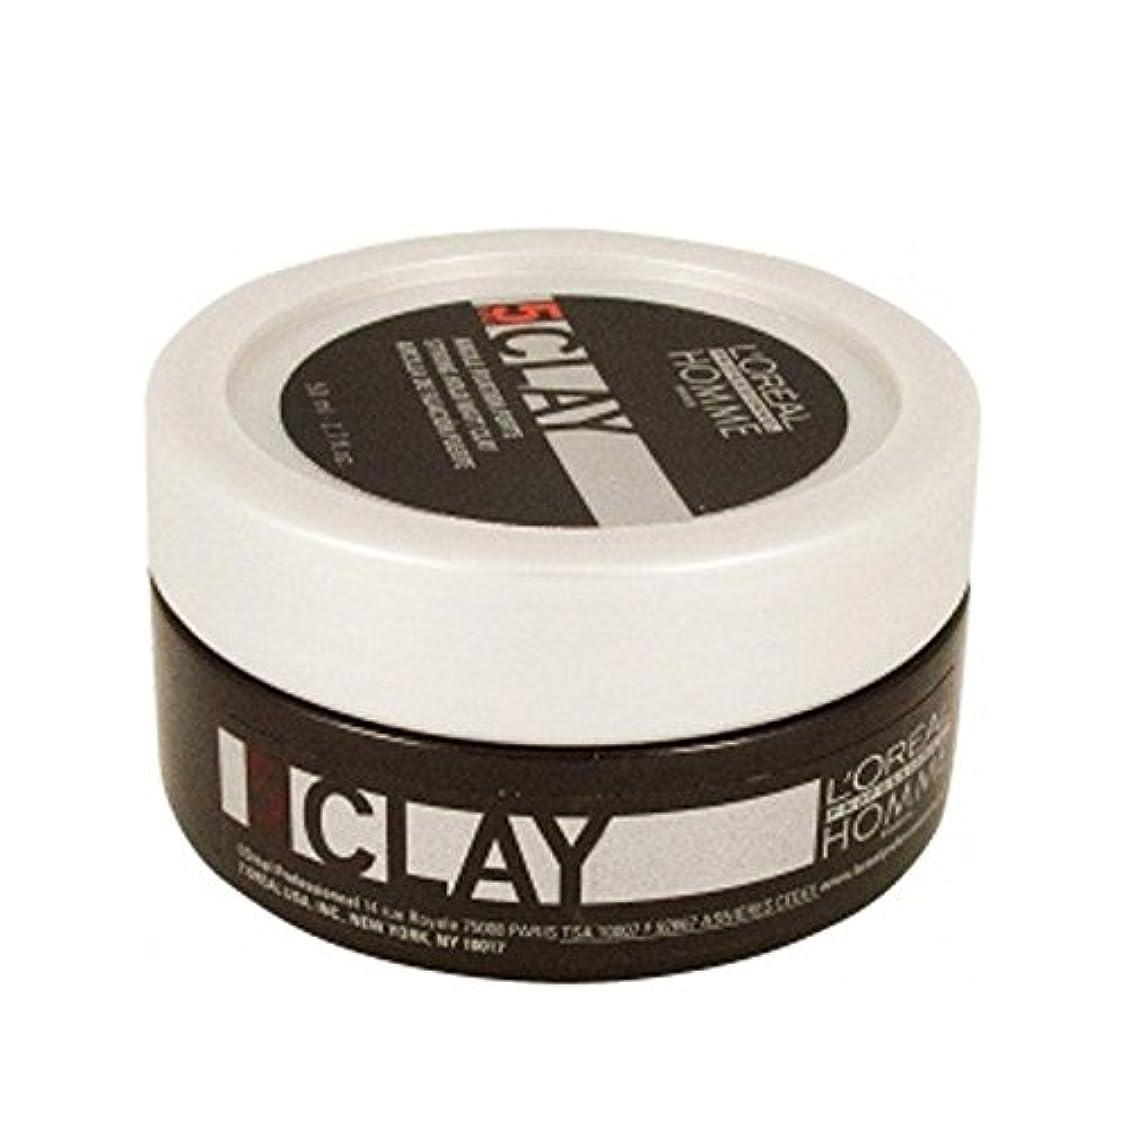 神経障害アルバニーグラフィックL'Or?al Professionnel Homme Clay ? Strong Hold Clay (50ml) - ロレアルプロフェッショナルのオム粘土 - 強力なホールド粘土(50ミリリットル) [並行輸入品]